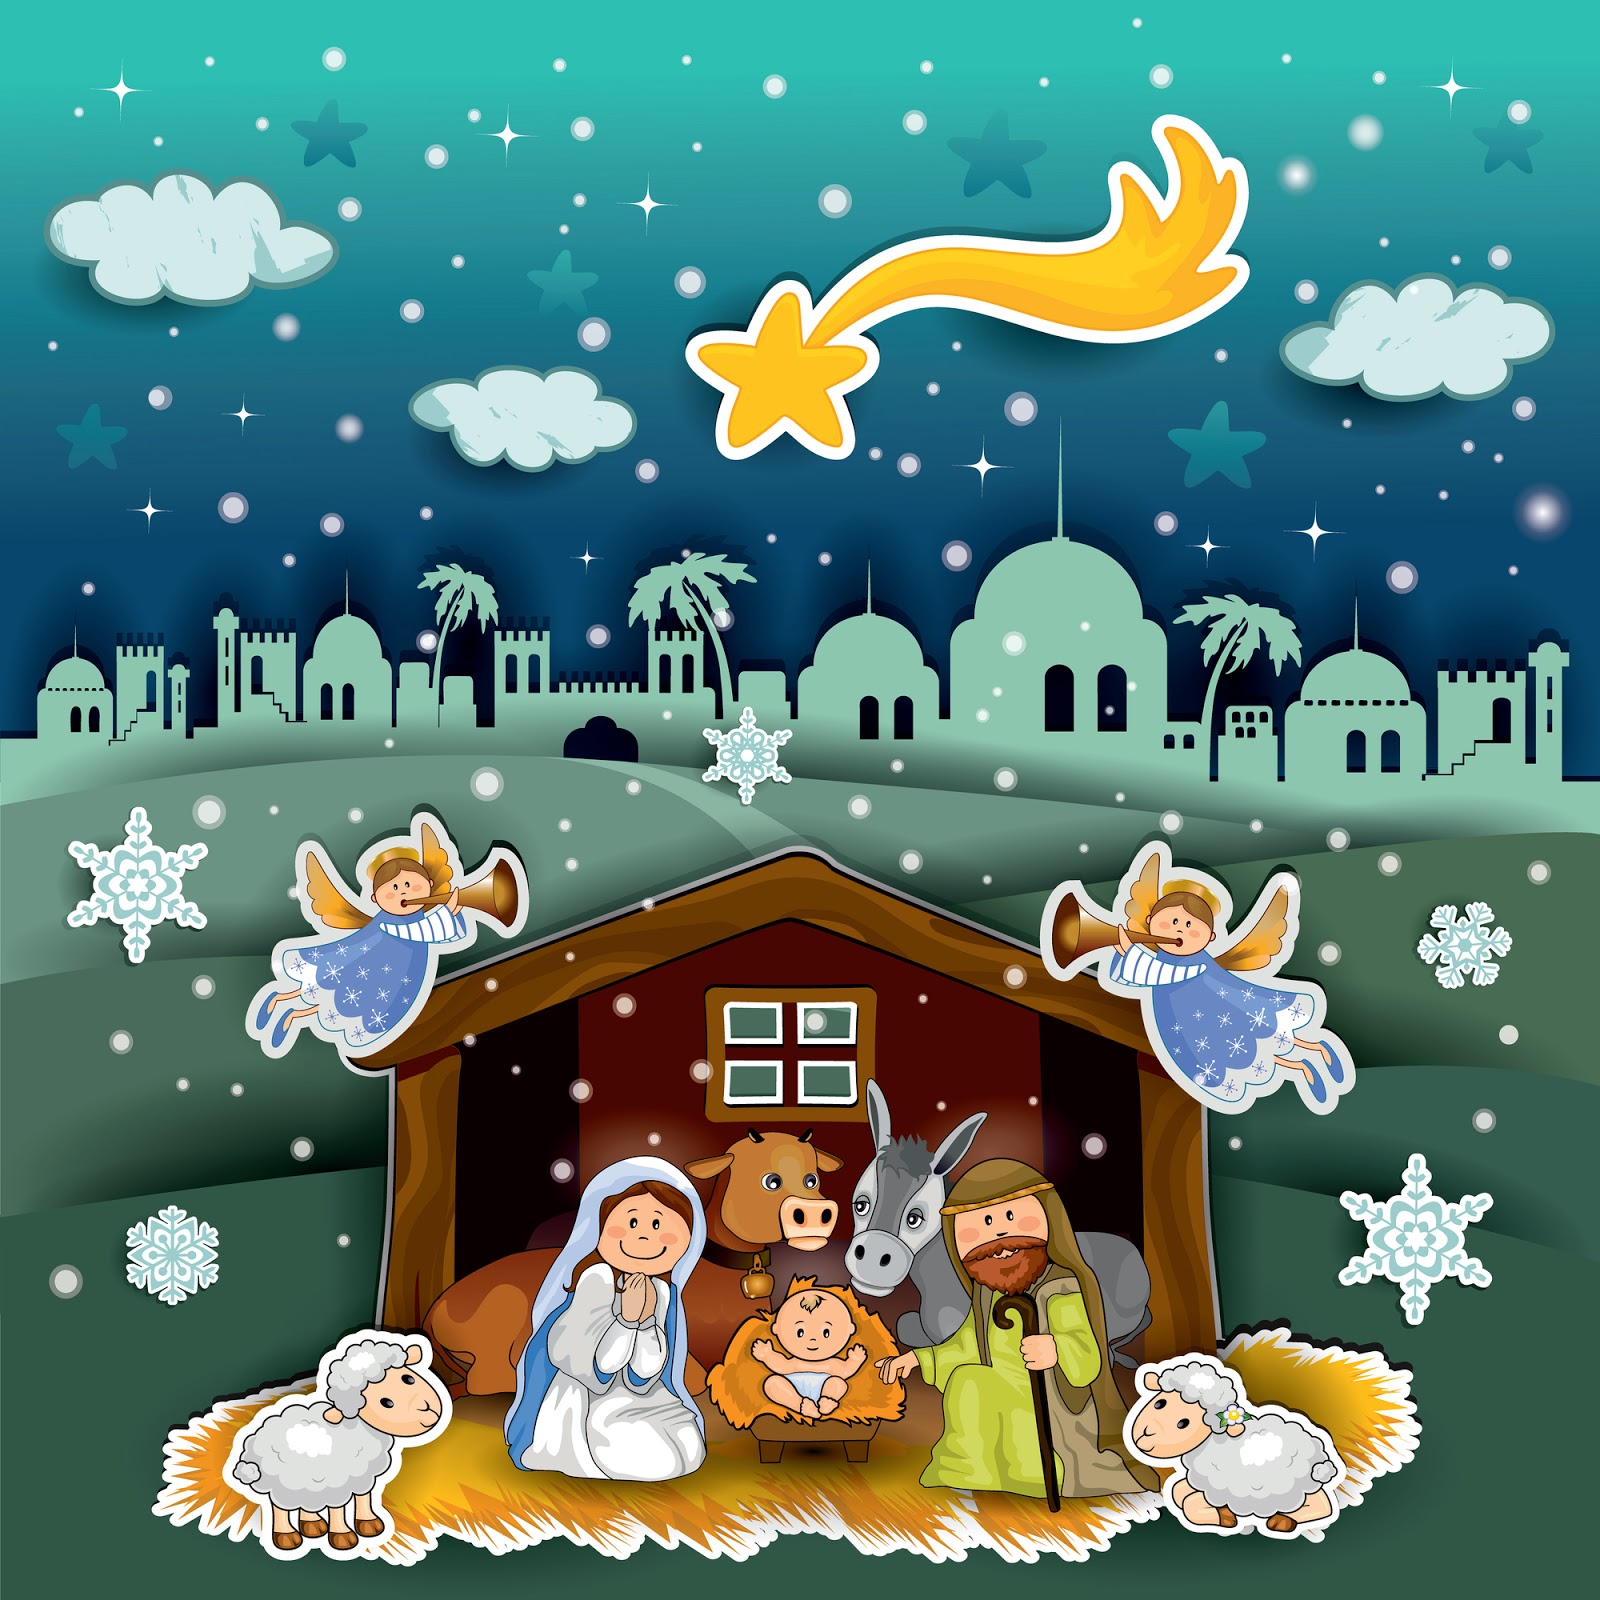 Nacimiento de jesus maria jose navidad navidad pinterest - Dibujos de nacimientos de navidad ...